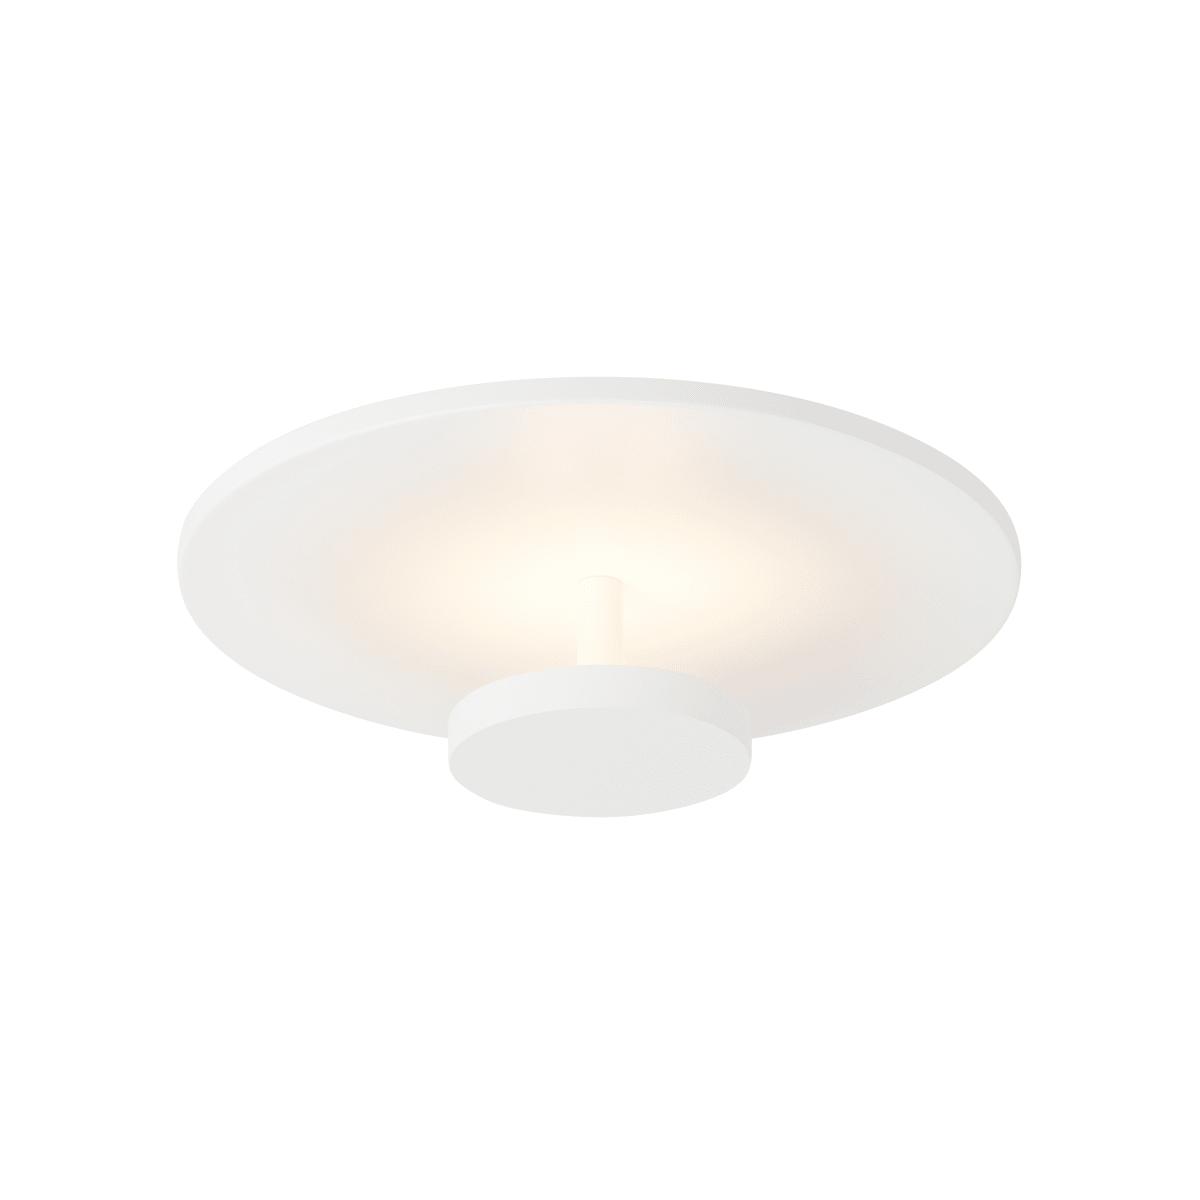 Tech Lighting 700FMCTC13WW-LED927 Ceiling Fixtures Indoor Lighting